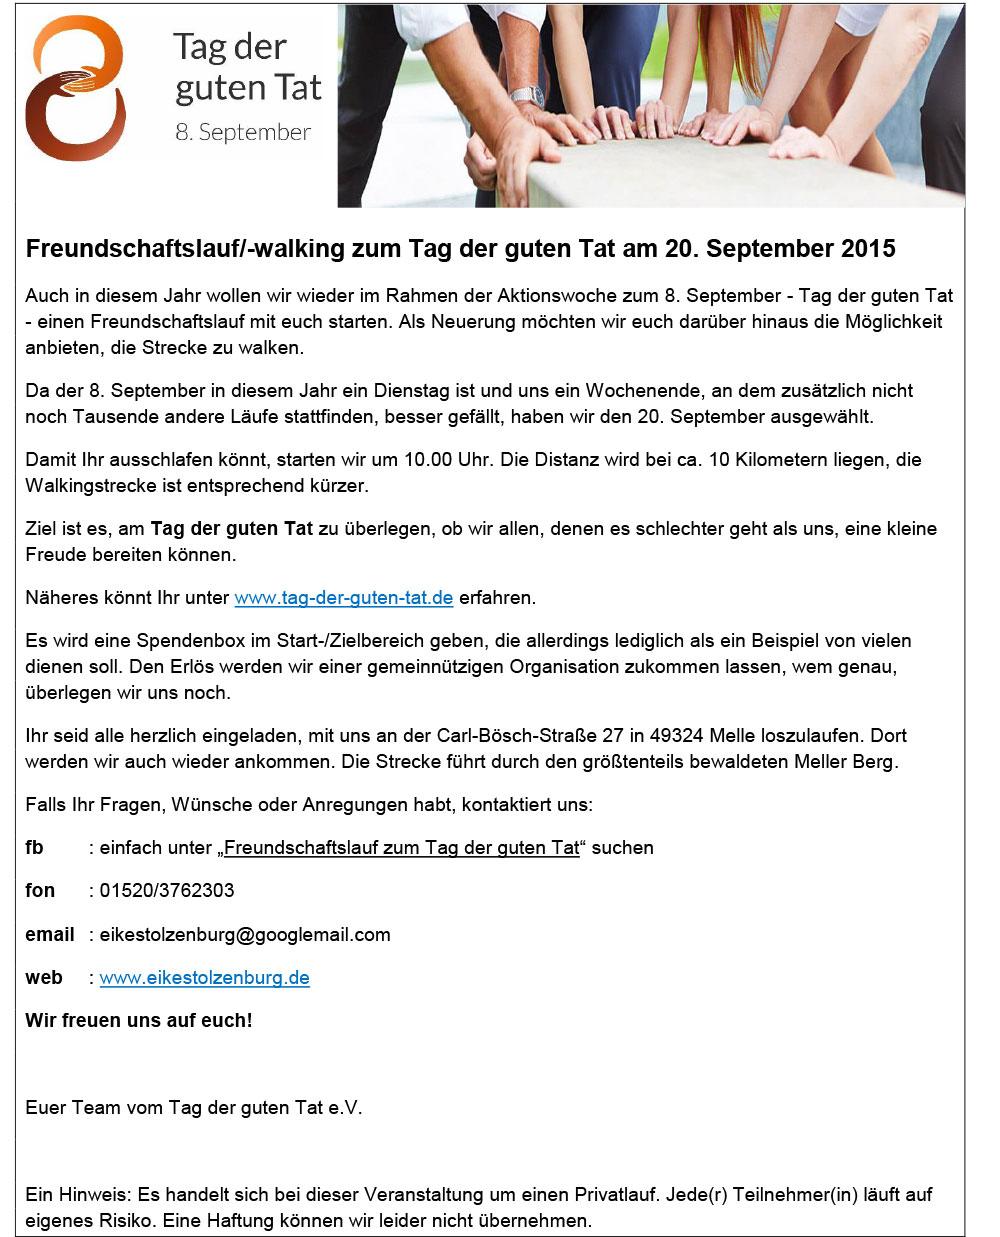 Einladung zum Laufen/Walken am 20.09.2015 im Rahmen der Aktion 8 ...